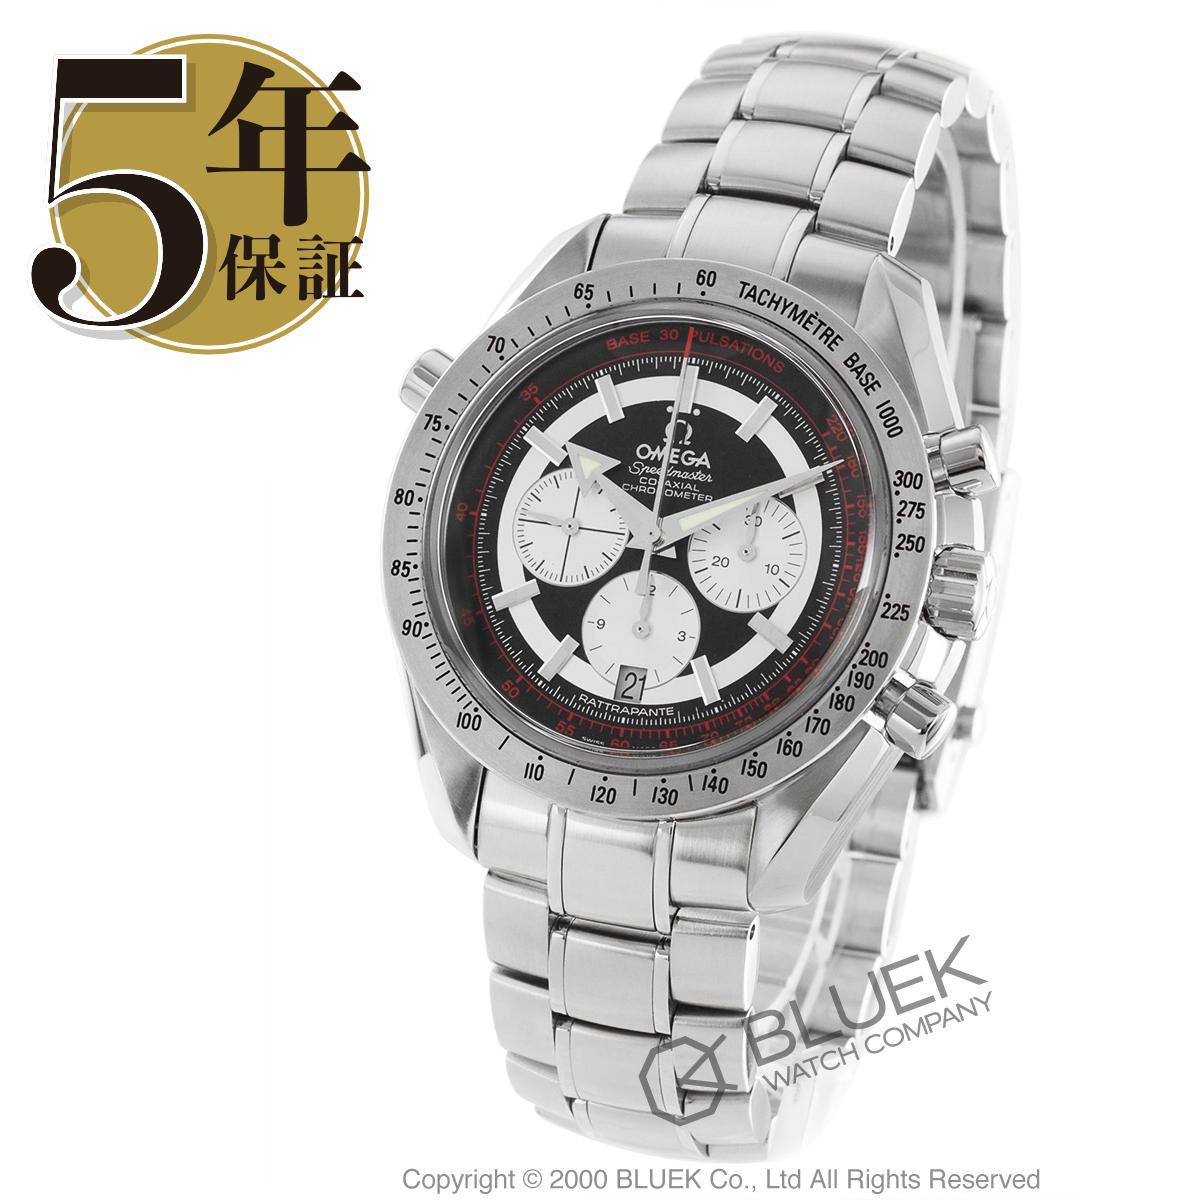 オメガ スピードマスター ブロードアロー ラトラパンテ クロノグラフ 腕時計 メンズ OMEGA 3582.51_5